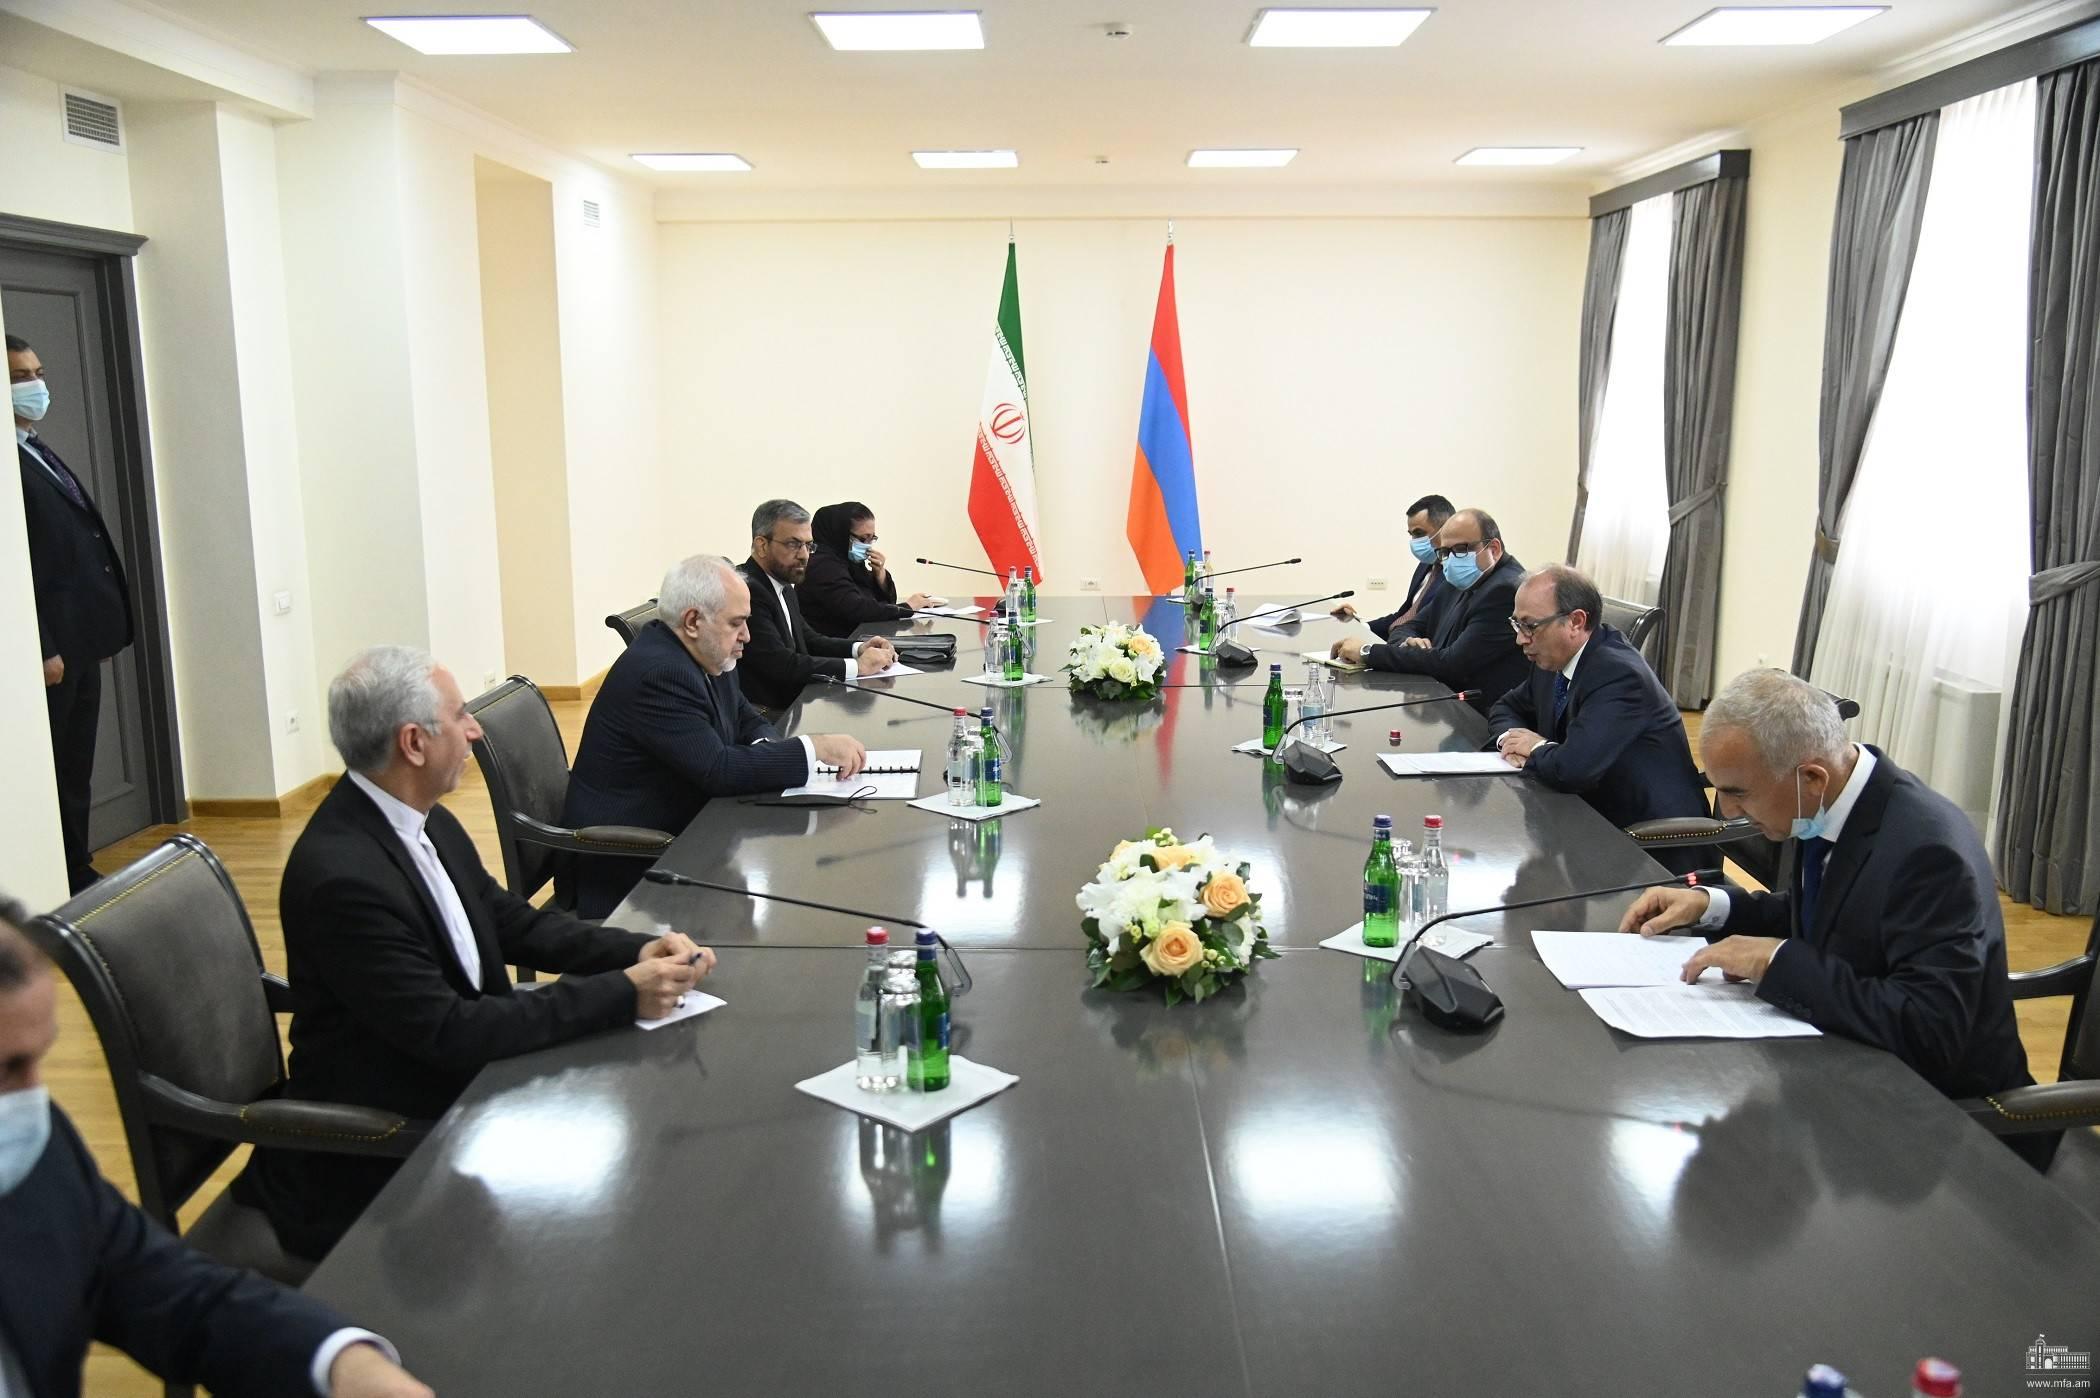 Իրանի արտգործնախարարի այցը Երևան